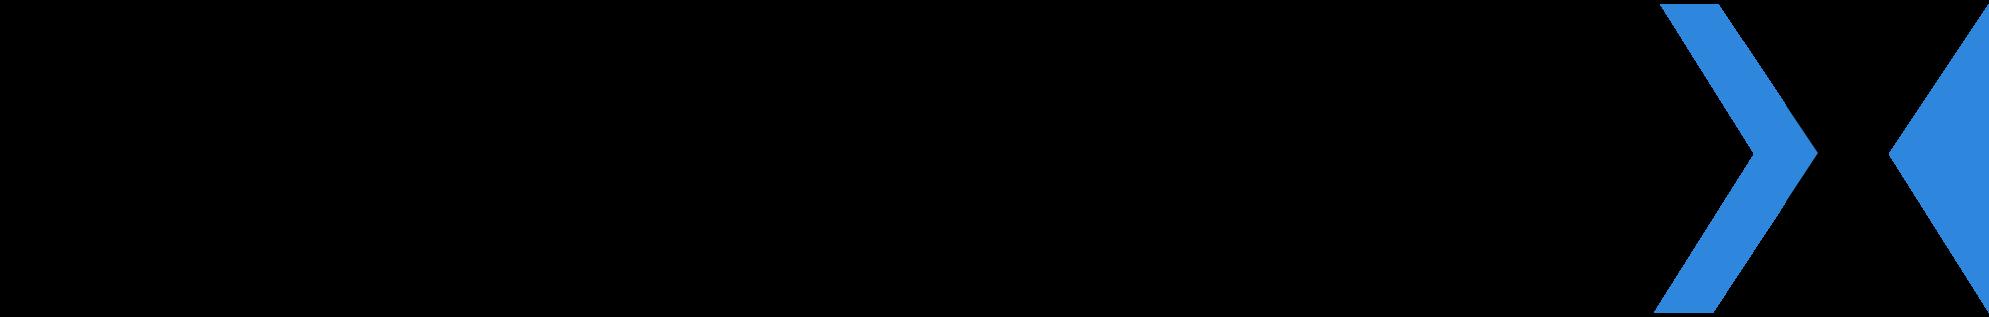 Ingeniux CMS logo